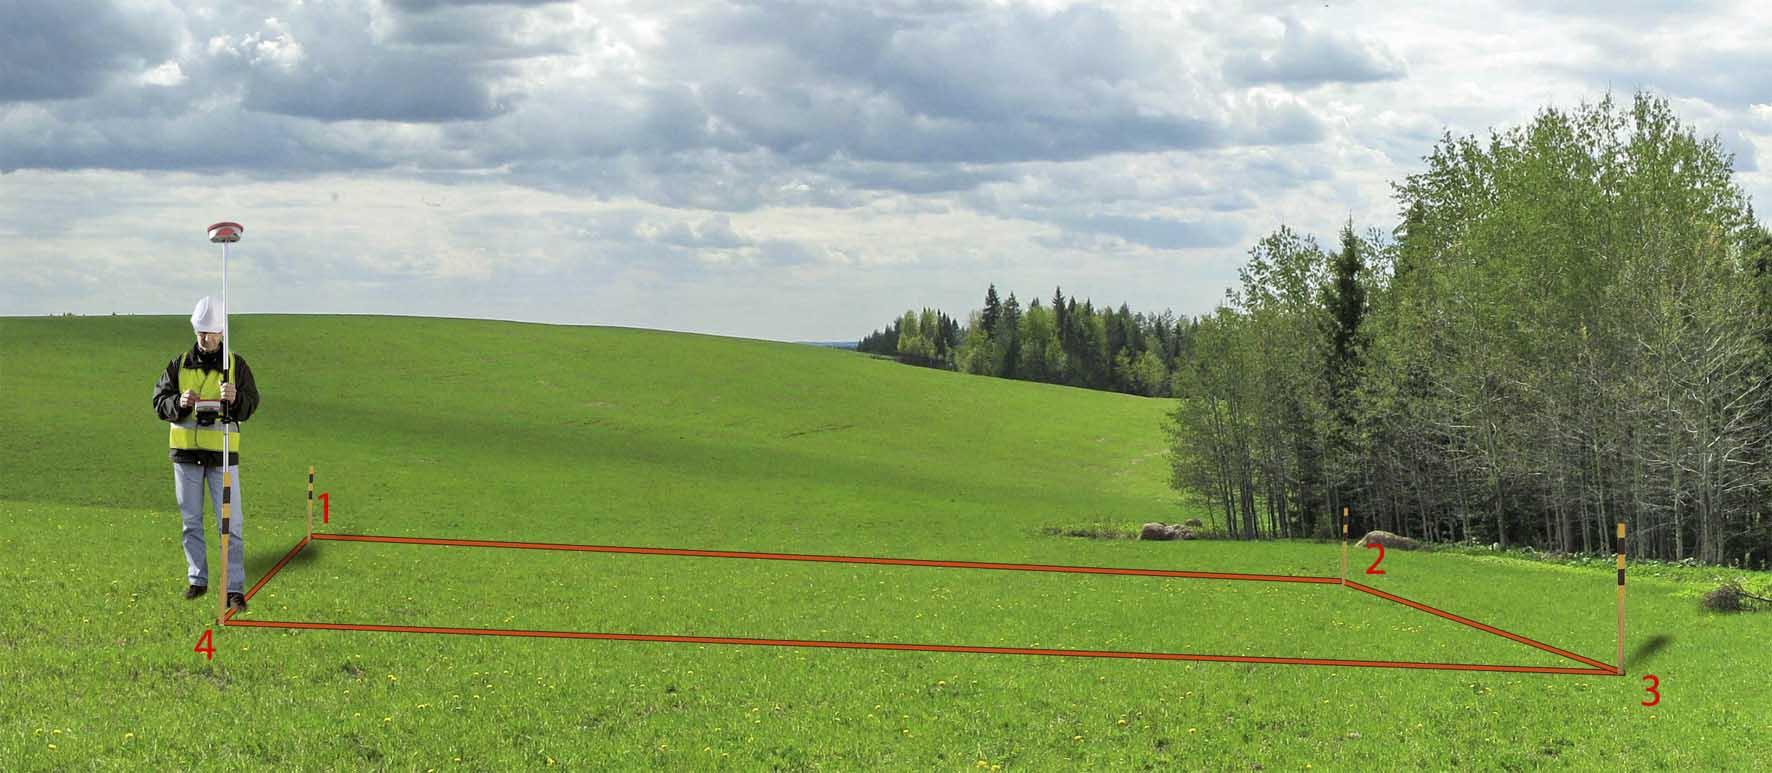 Изображение - Погрешность при межевании земельных участков wsi-imageoptim-vy-nos-v-naturu1